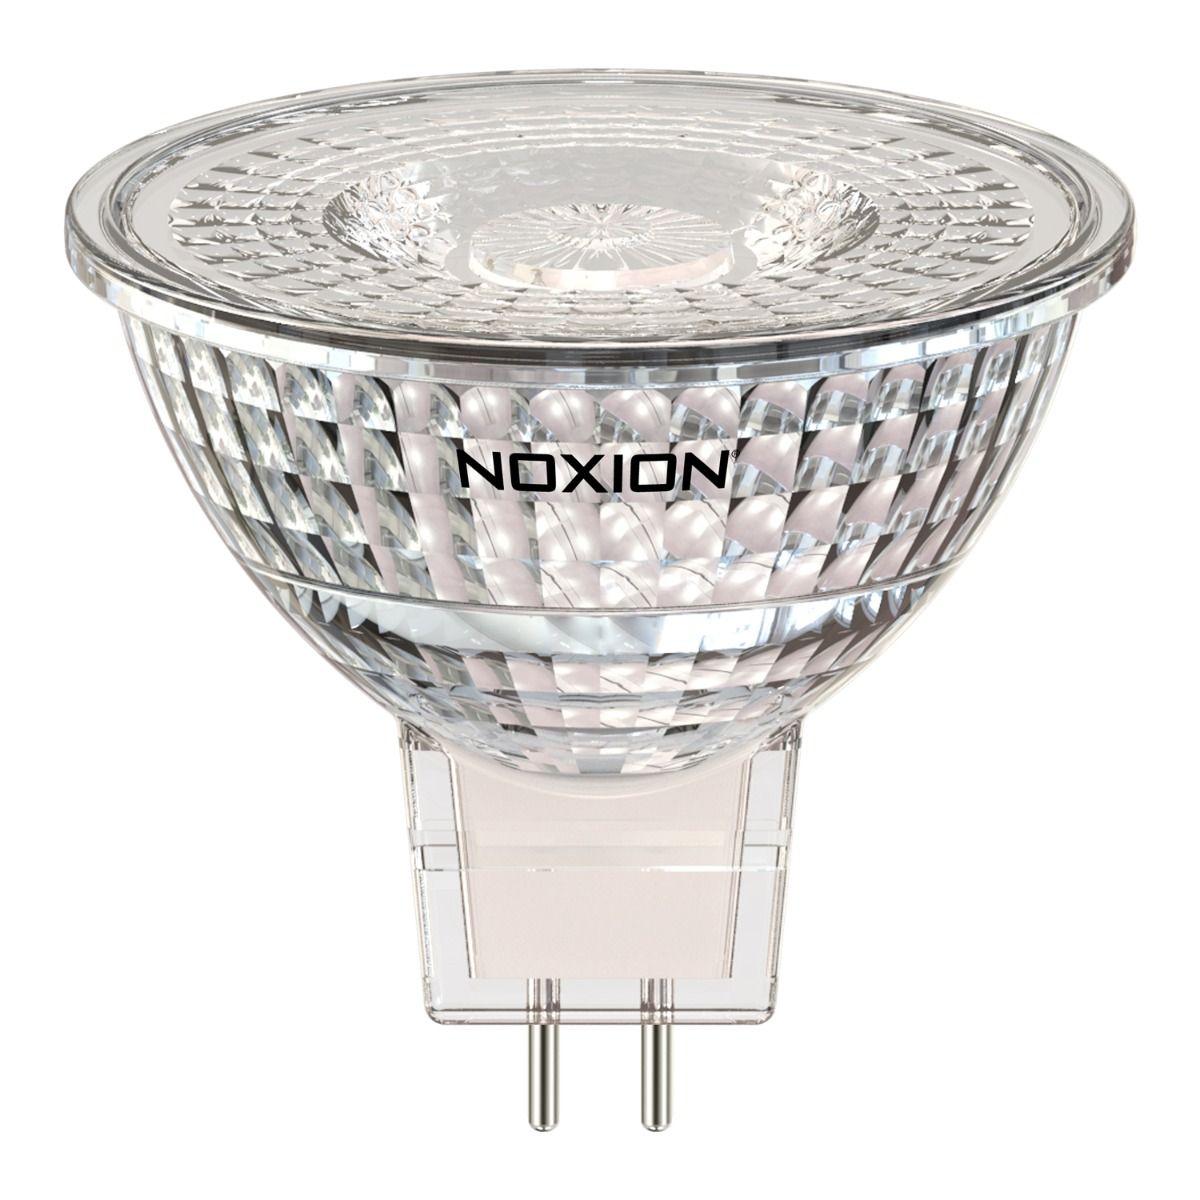 Noxion LED-Spot GU5.3 5W 840 36D 490lm | Dimmbar - Kaltweiß - Ersatz für 35W